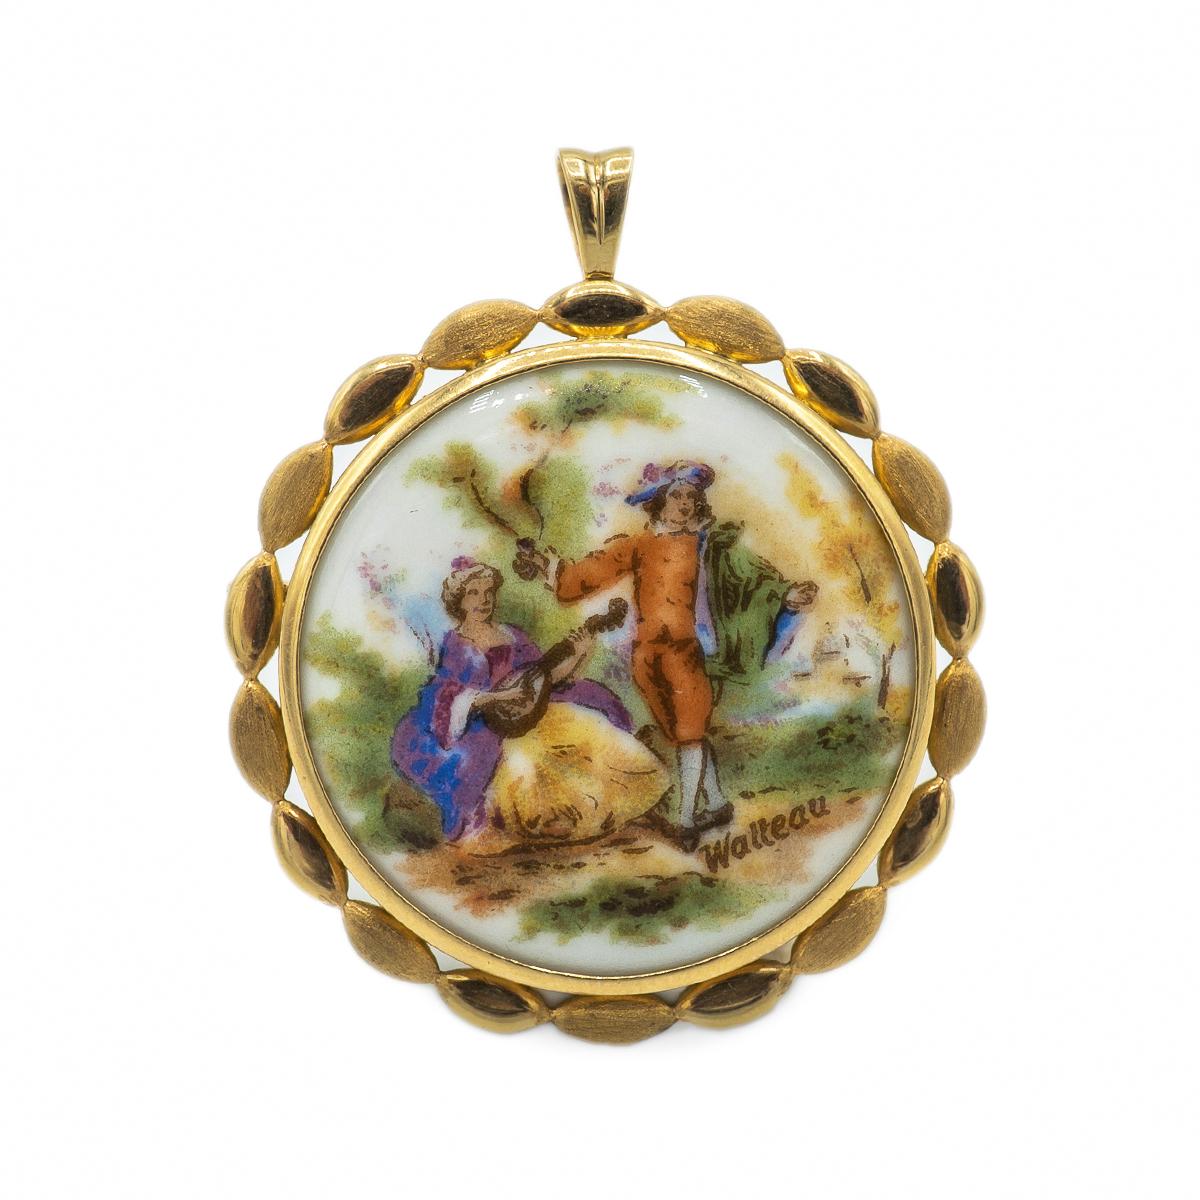 Delicado Broche De Porcelana De Limoges P. Pastaud. Mediados De Siglo XX.